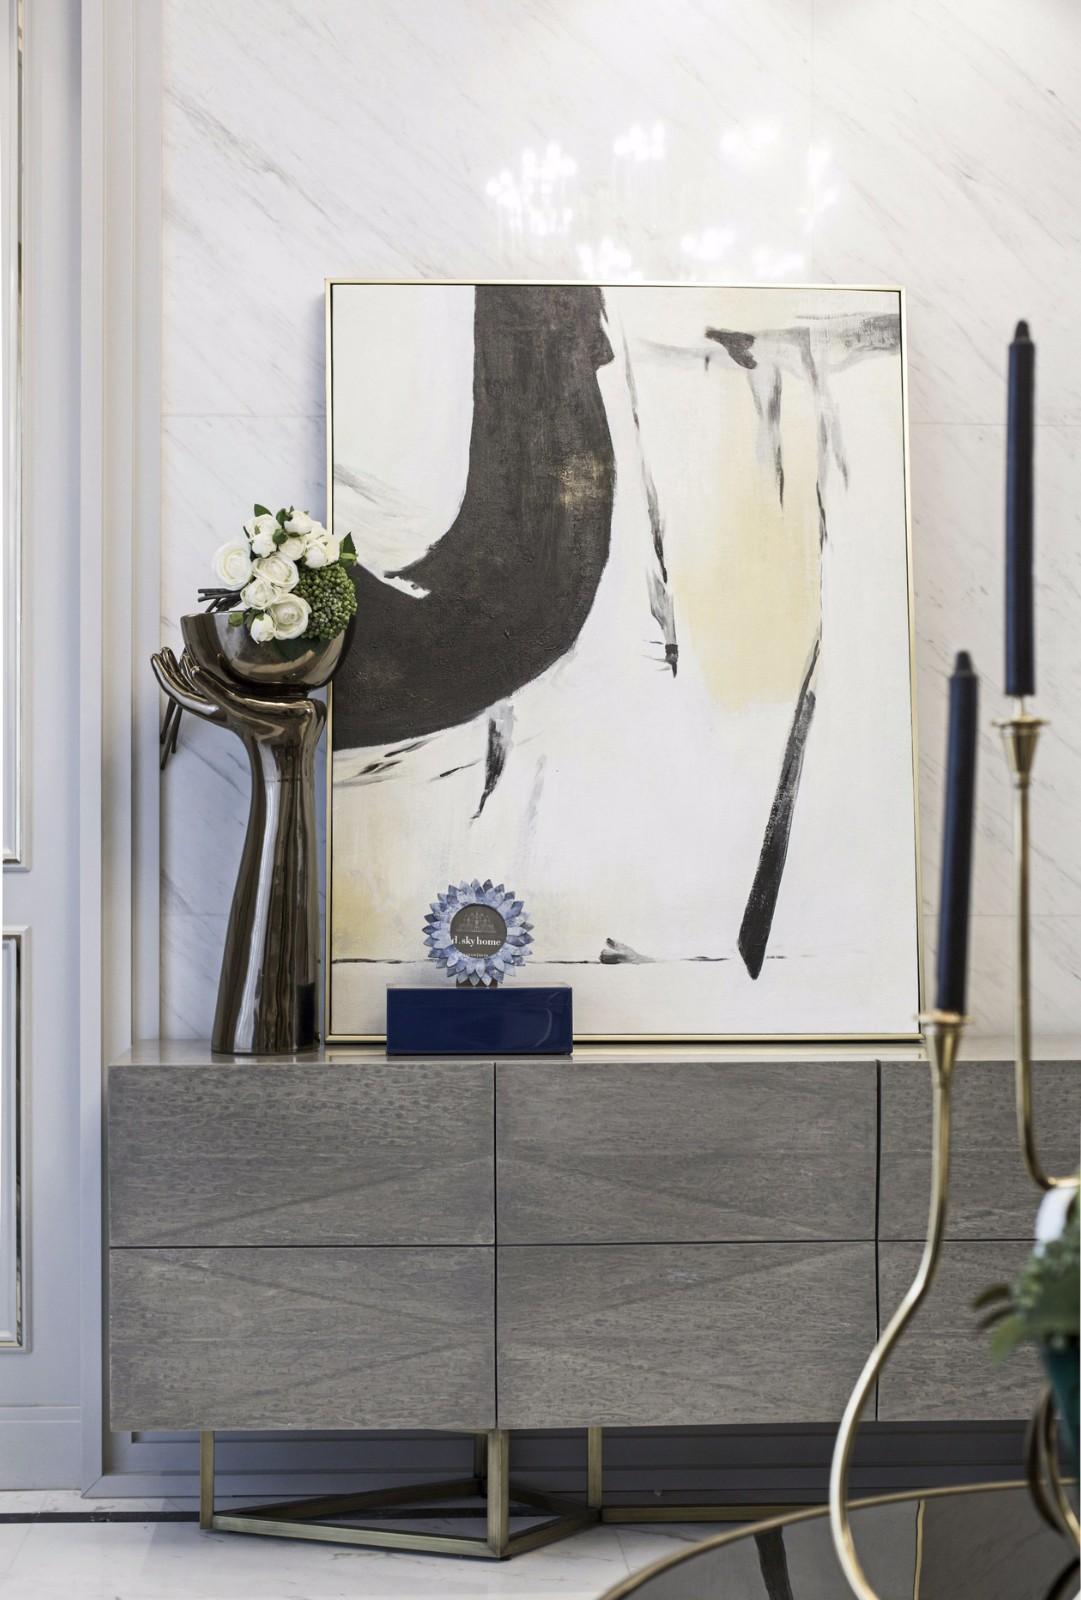 135㎡法式轻奢风装修边柜摆件设计图